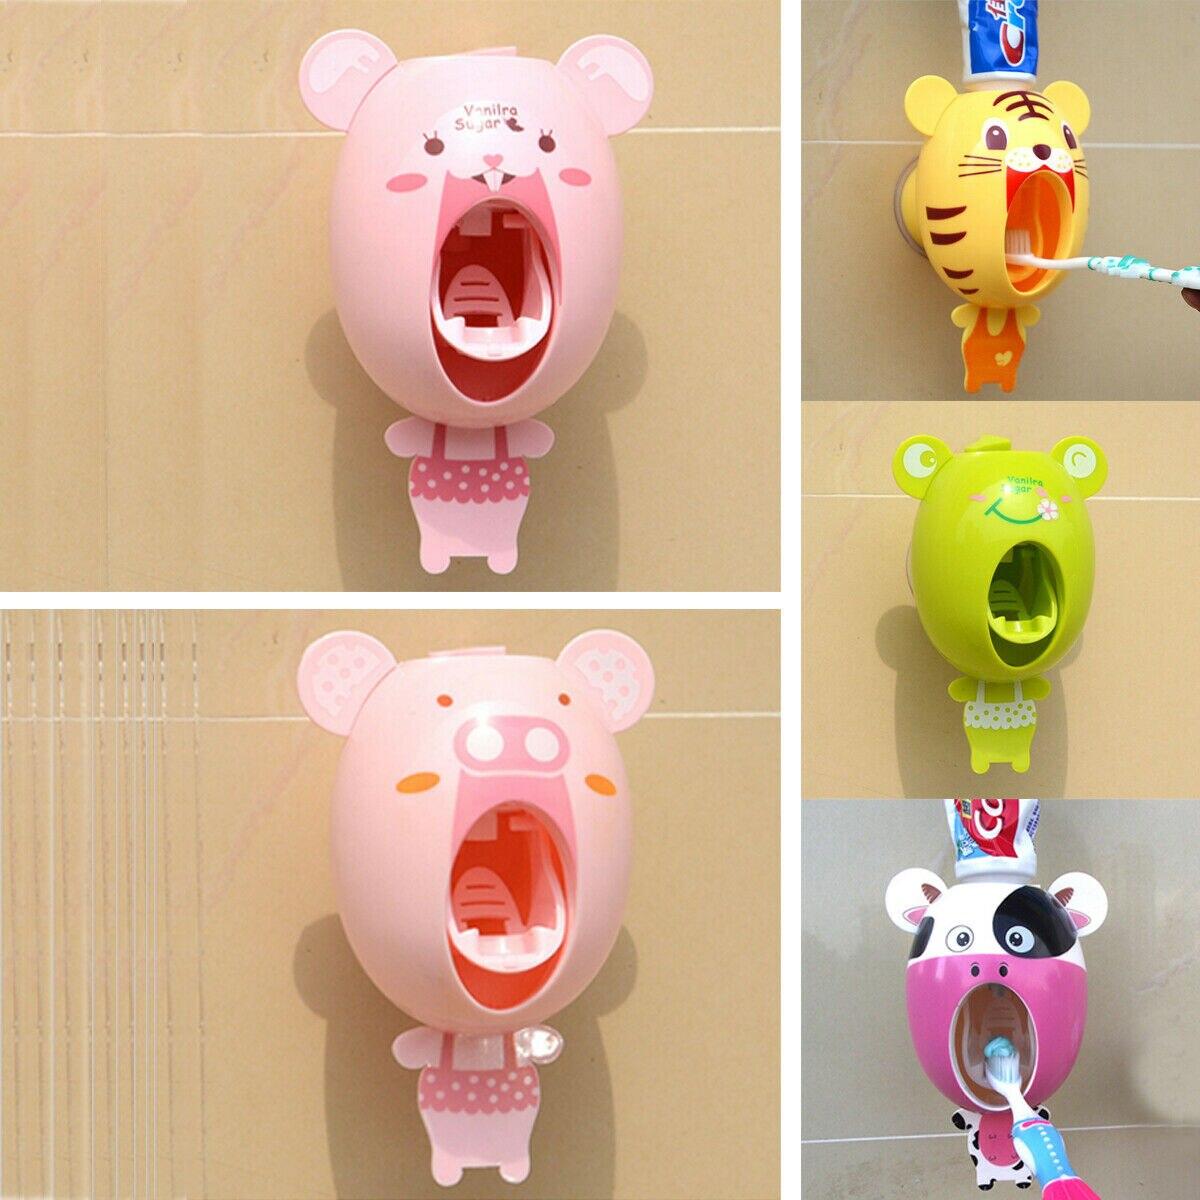 แบบพกพาอัตโนมัติ Automatic Toothpaste Dispenser ยาสีฟัน Squeezers อุปกรณ์ Easy Squeeze แฮนด์ฟรี Wall Mount น่ารักของขวัญตกแต่งบ้าน